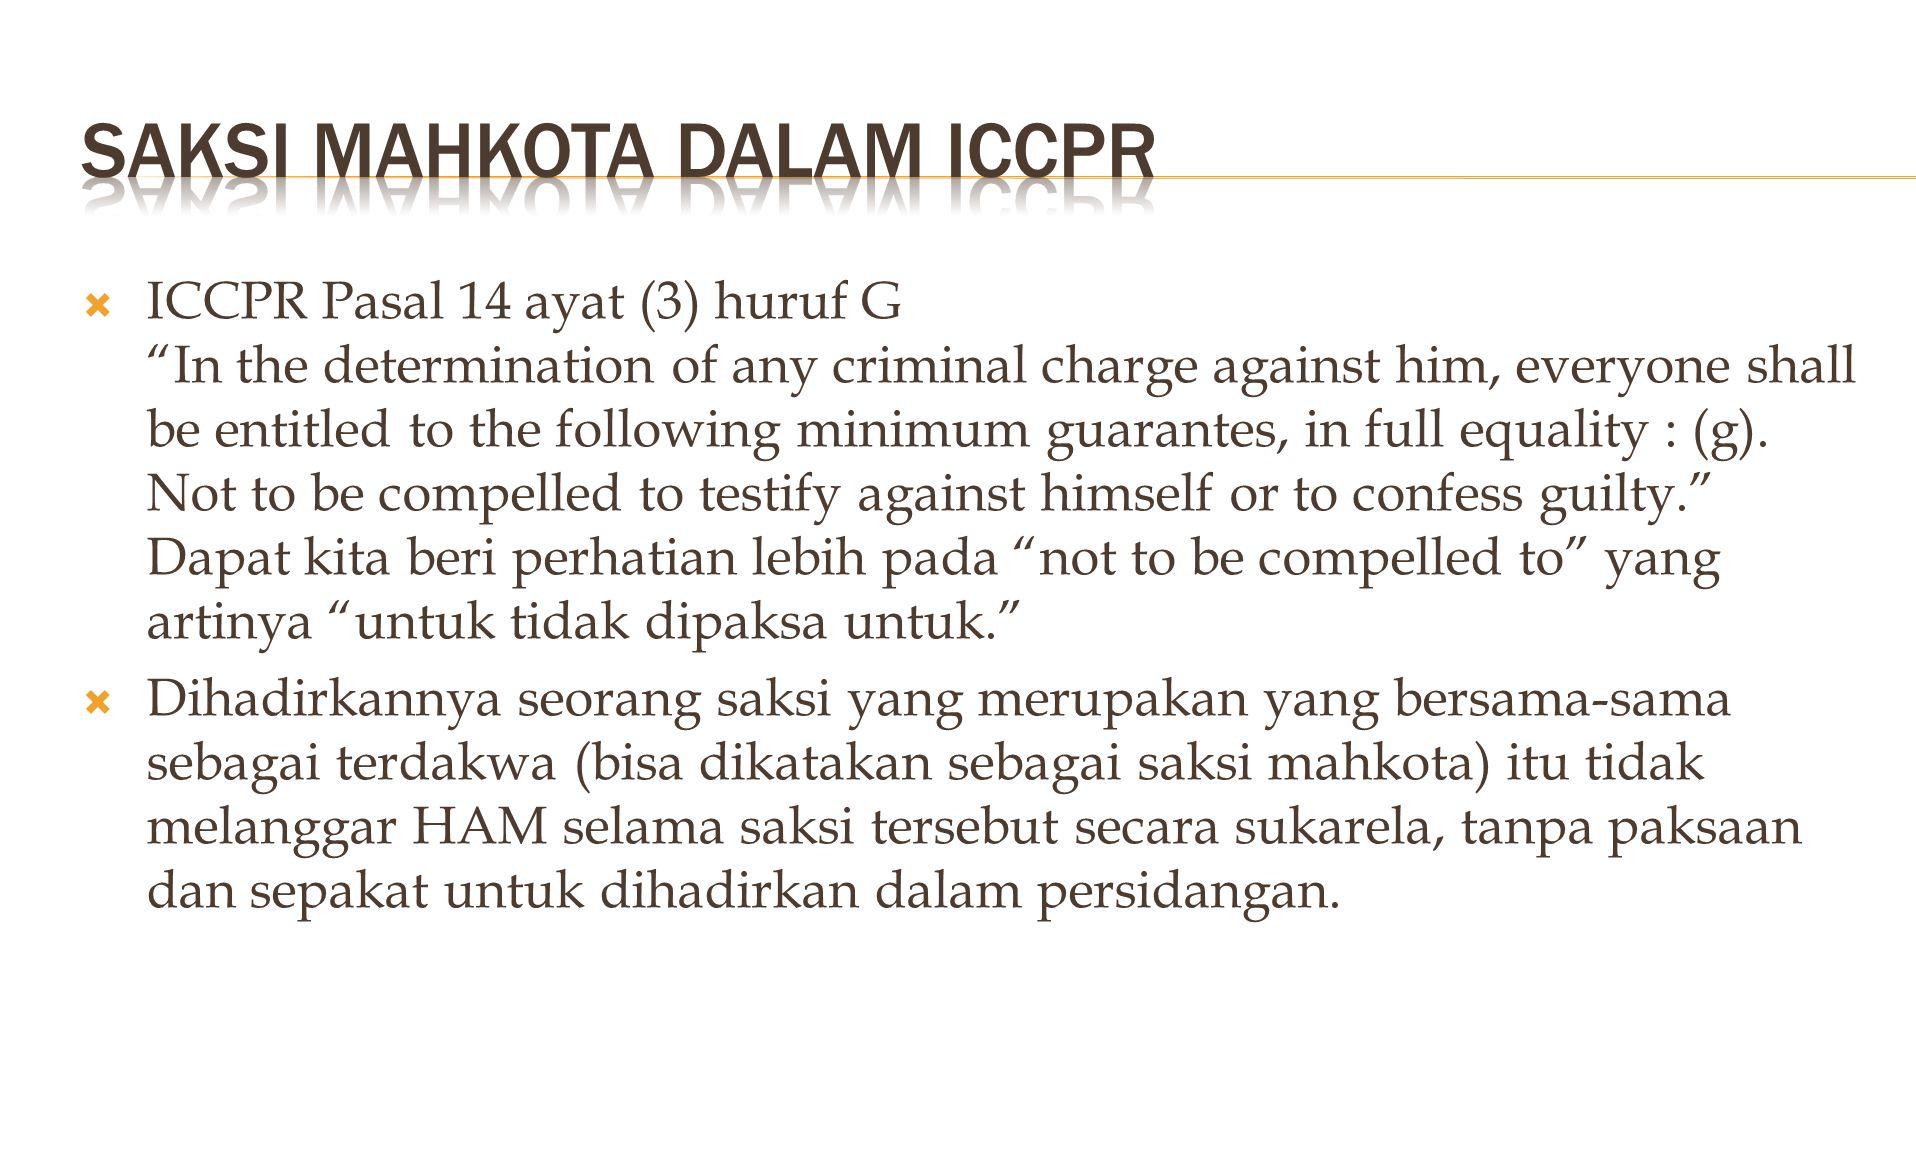  Lebih dari satu pelaku TP  Sama-sama sebagai Tersangka/Terdakwa  Bekerjasama dengan Penyidik/PU  Paling sedikit terlibat /peranannnya dalam TP =